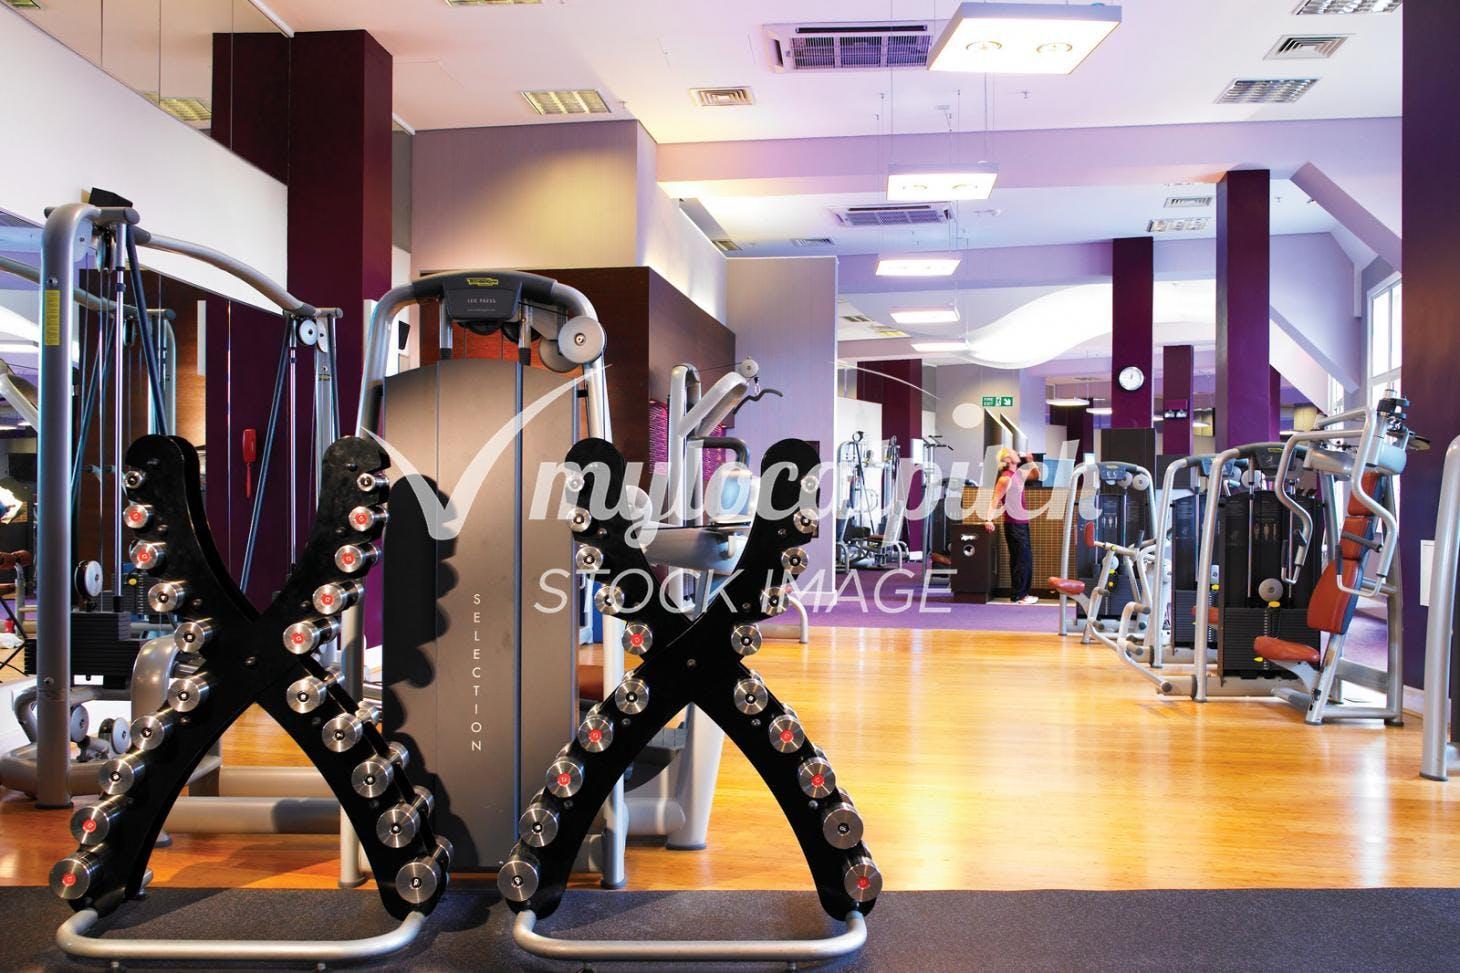 Barnet Copthall Leisure Centre Gym gym